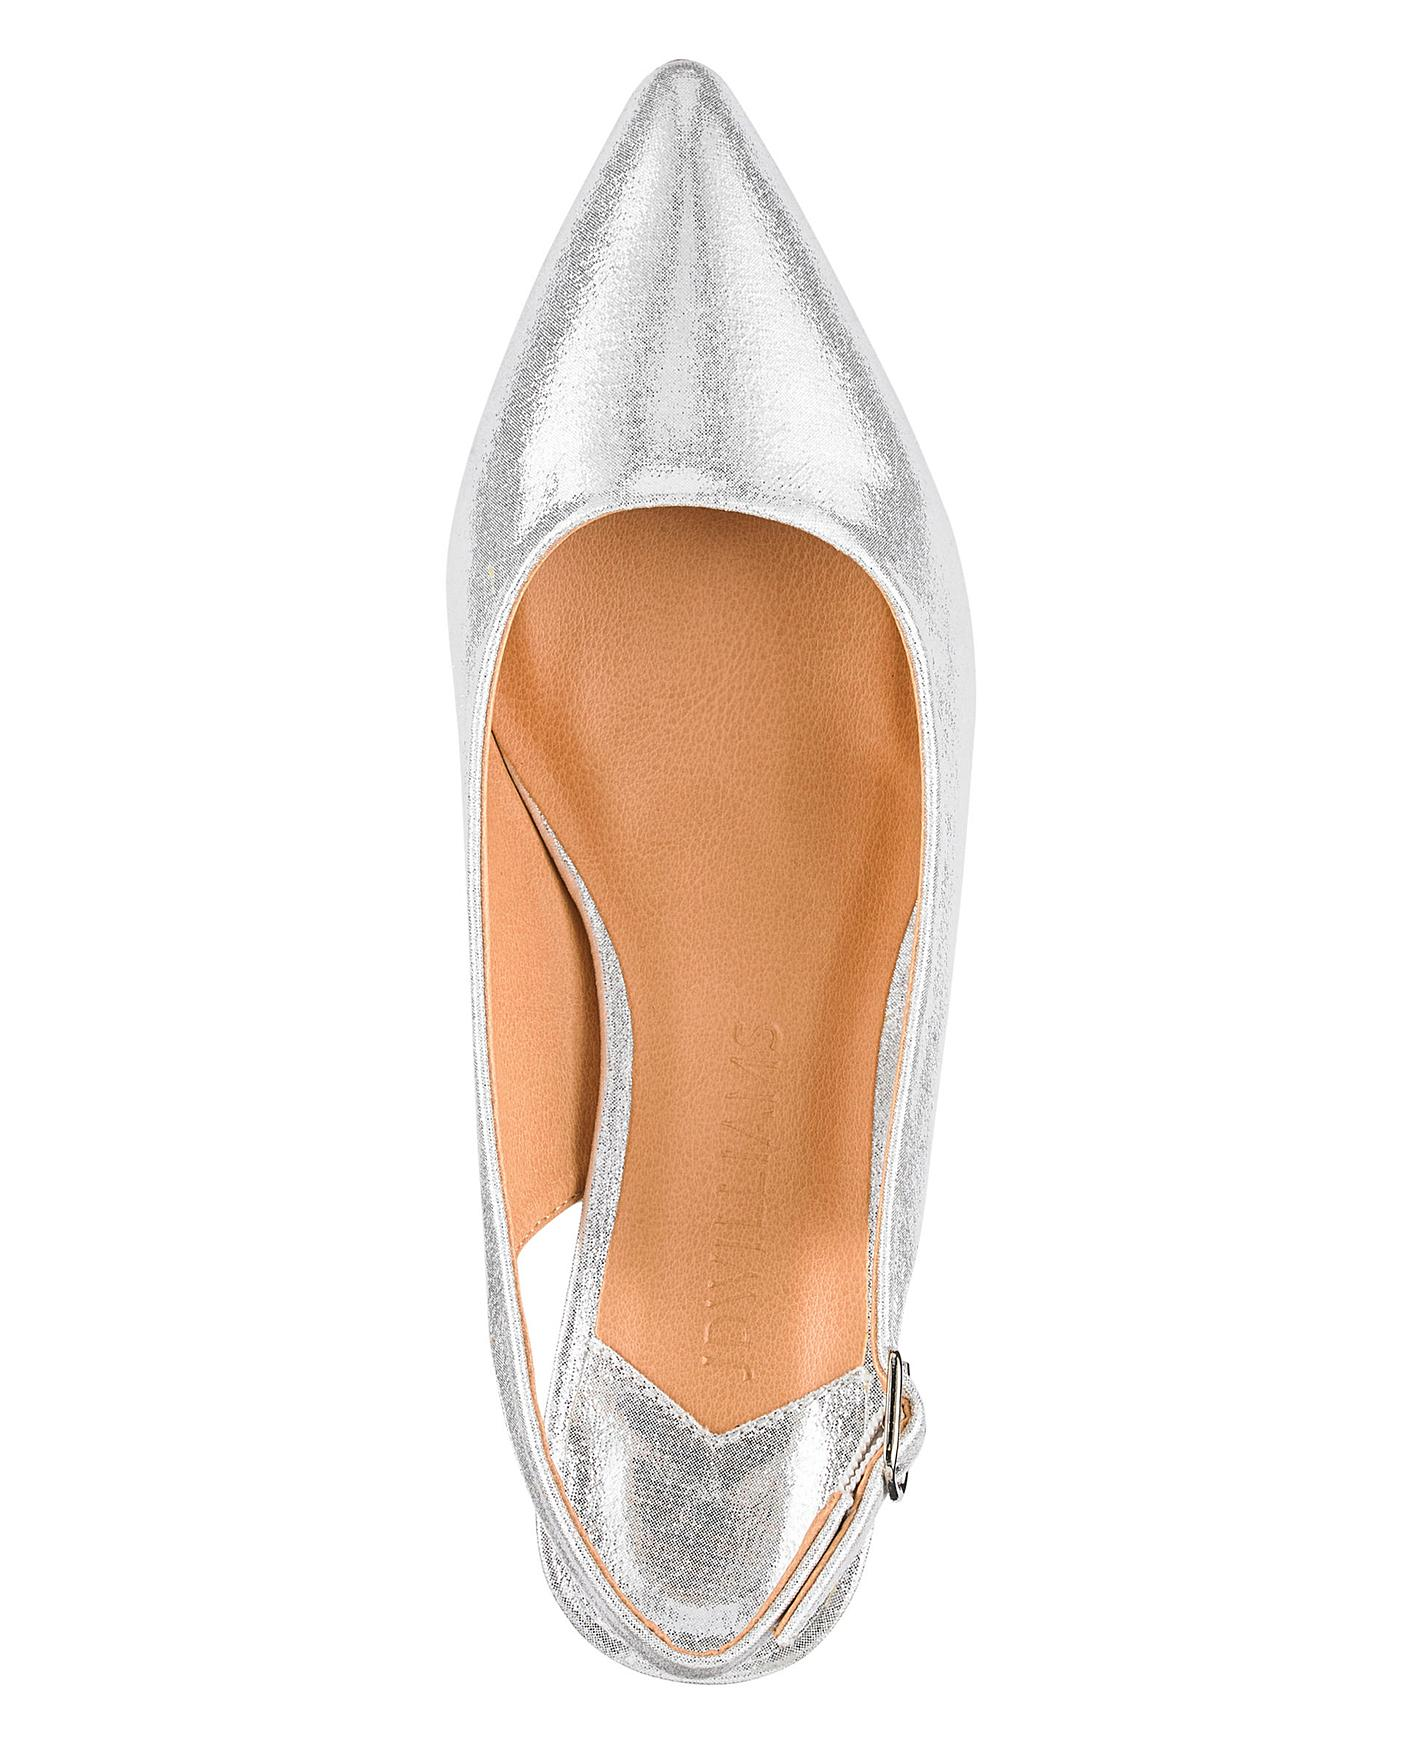 0a22d70564a Flexi Sole Kitten Heel Shoes EEE Fit